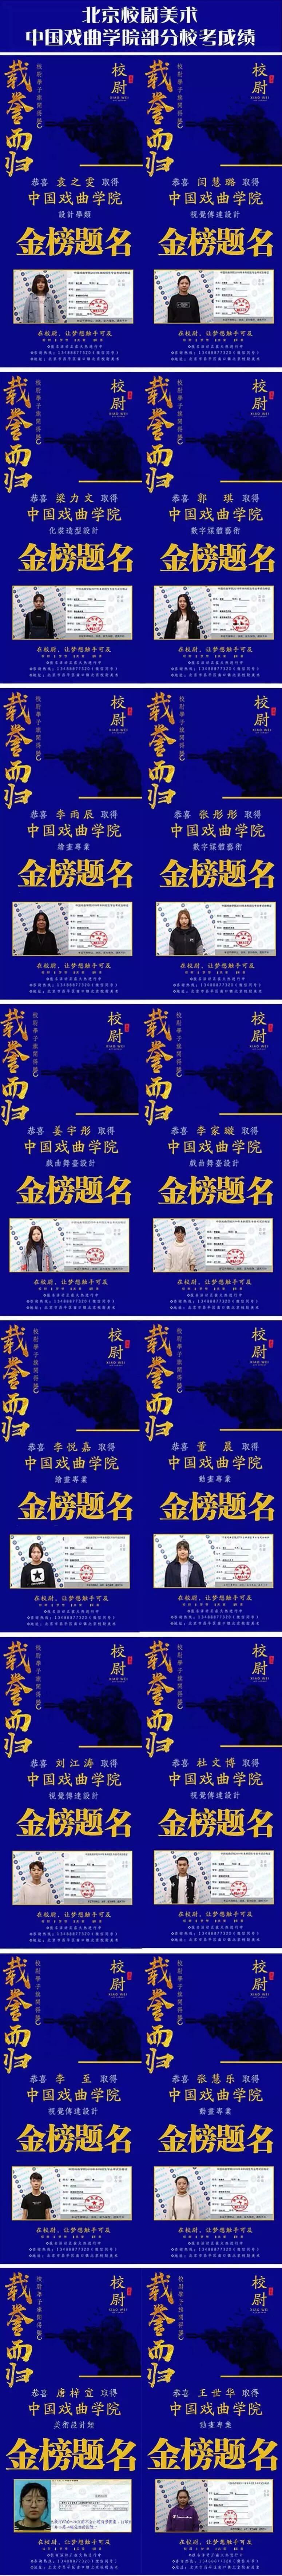 校尉画室:寒假班招生简章 | 预报名2020年集训豪礼重重!,北京画室,北京美术培训     35